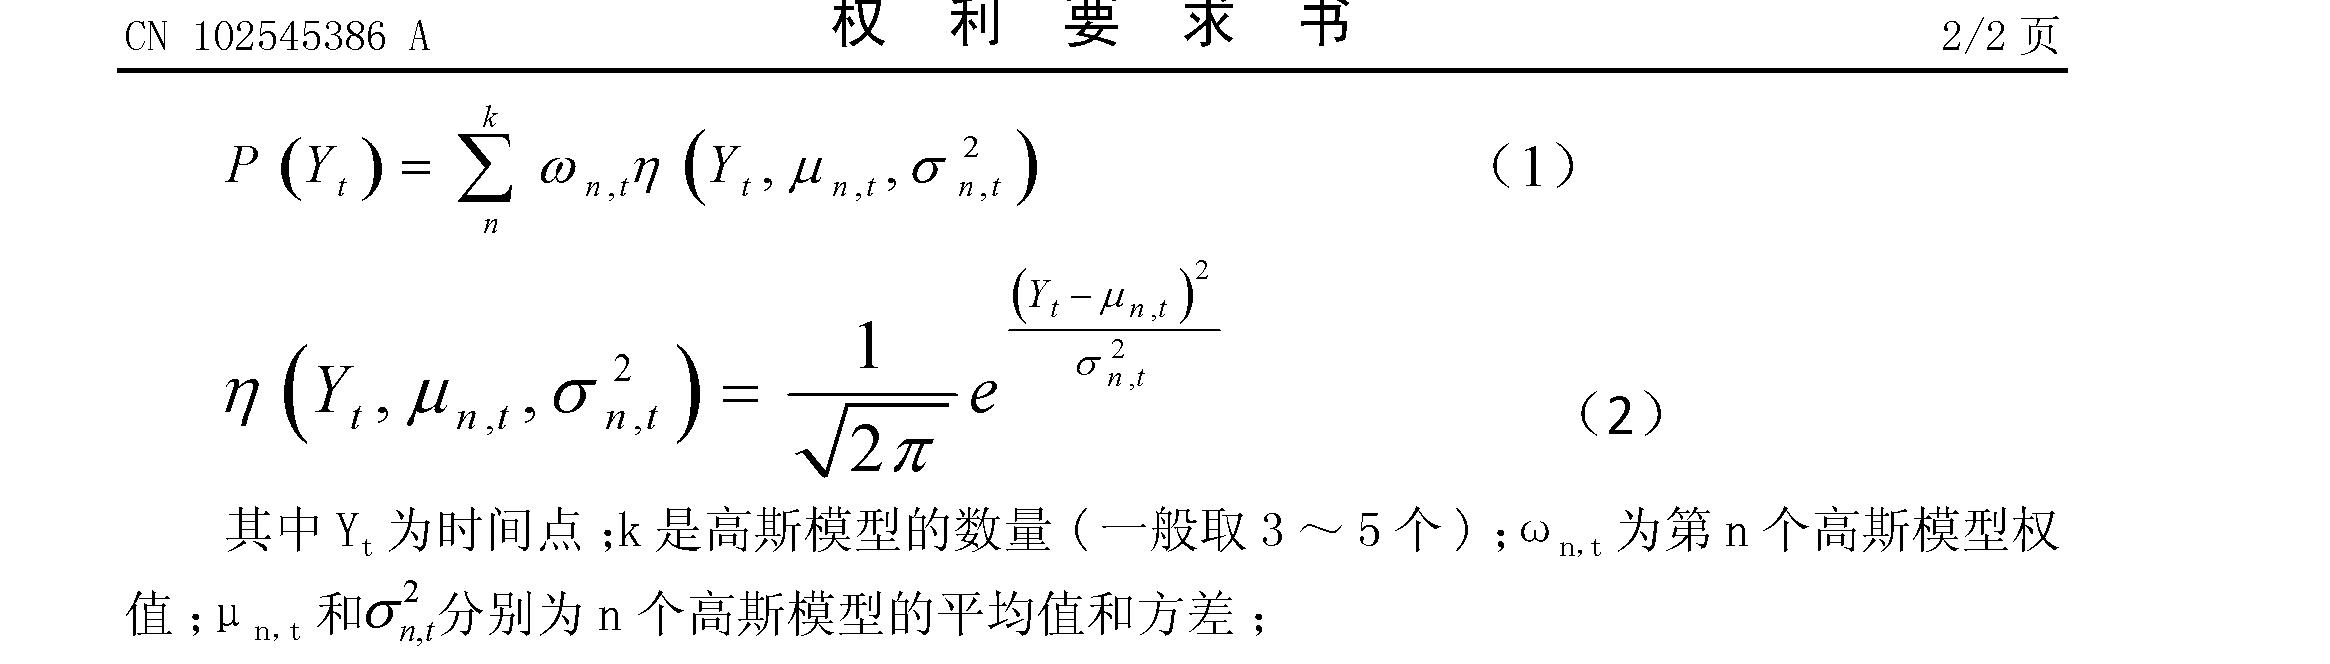 Figure CN102545386AC00031